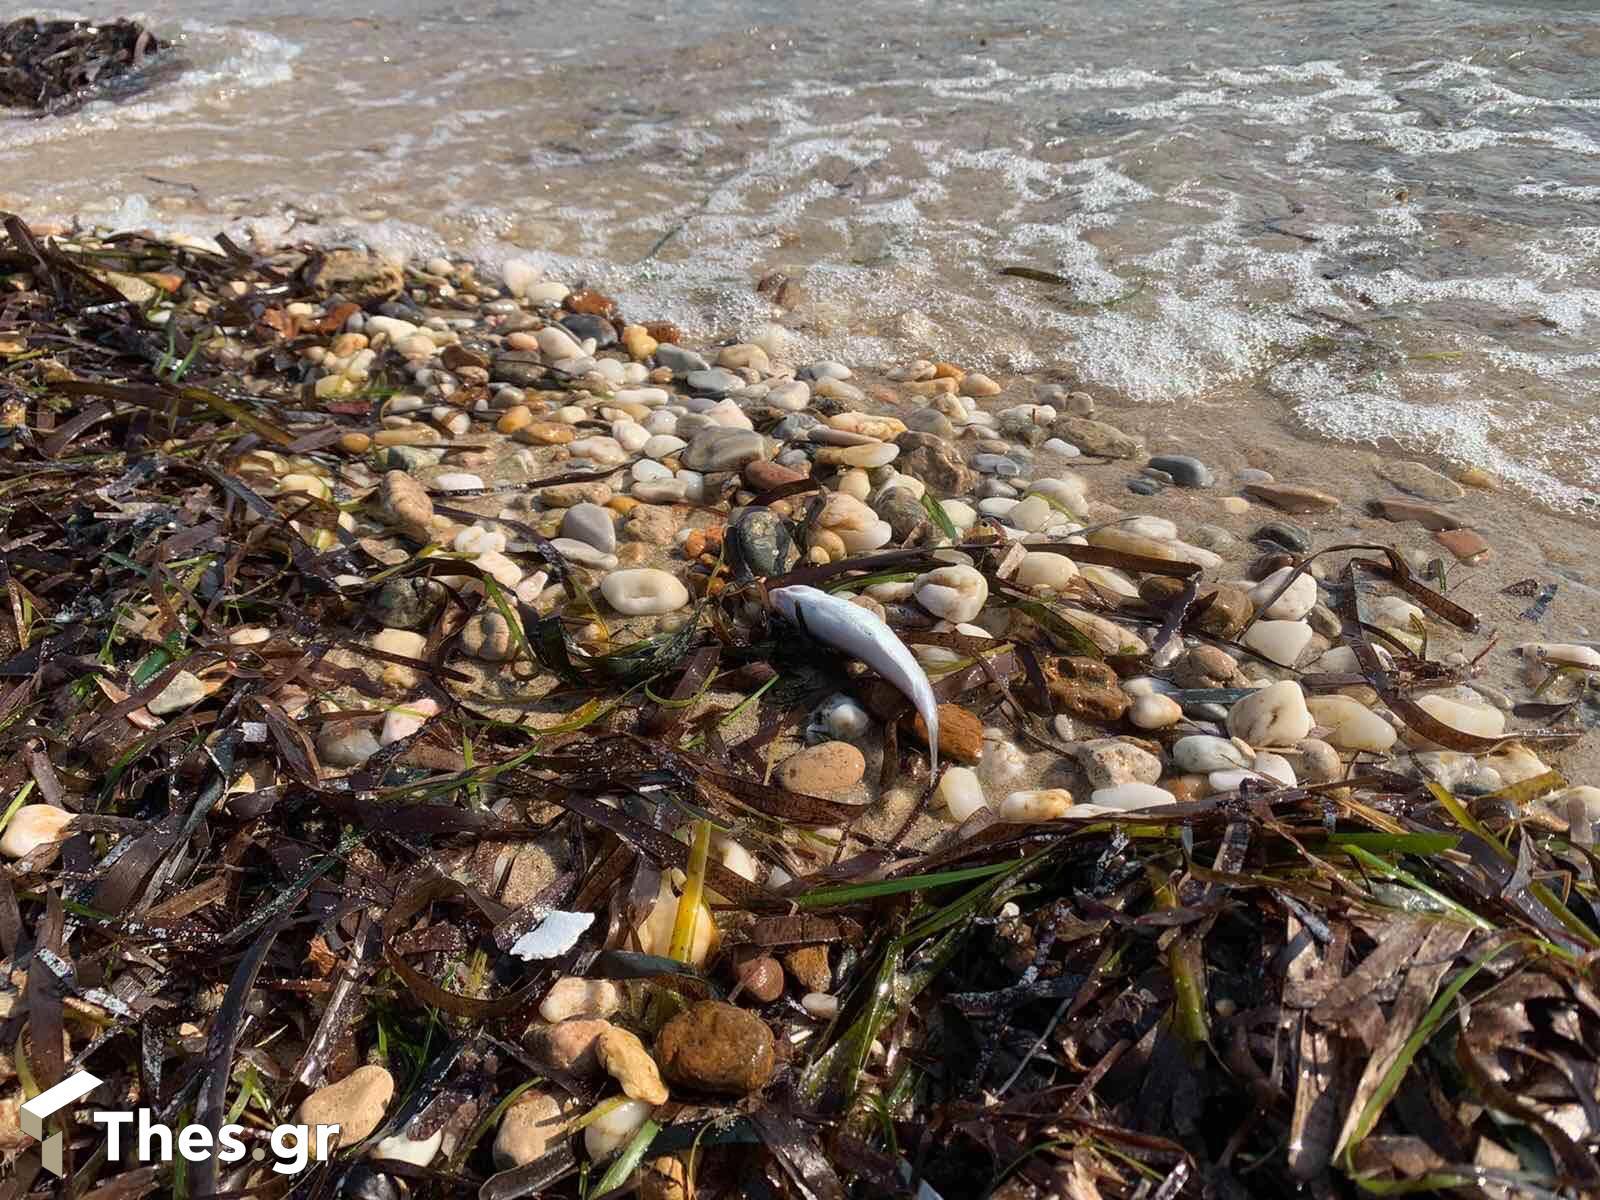 νεκρά ψάρια Βεργιά Ν. Καλλικράτεια